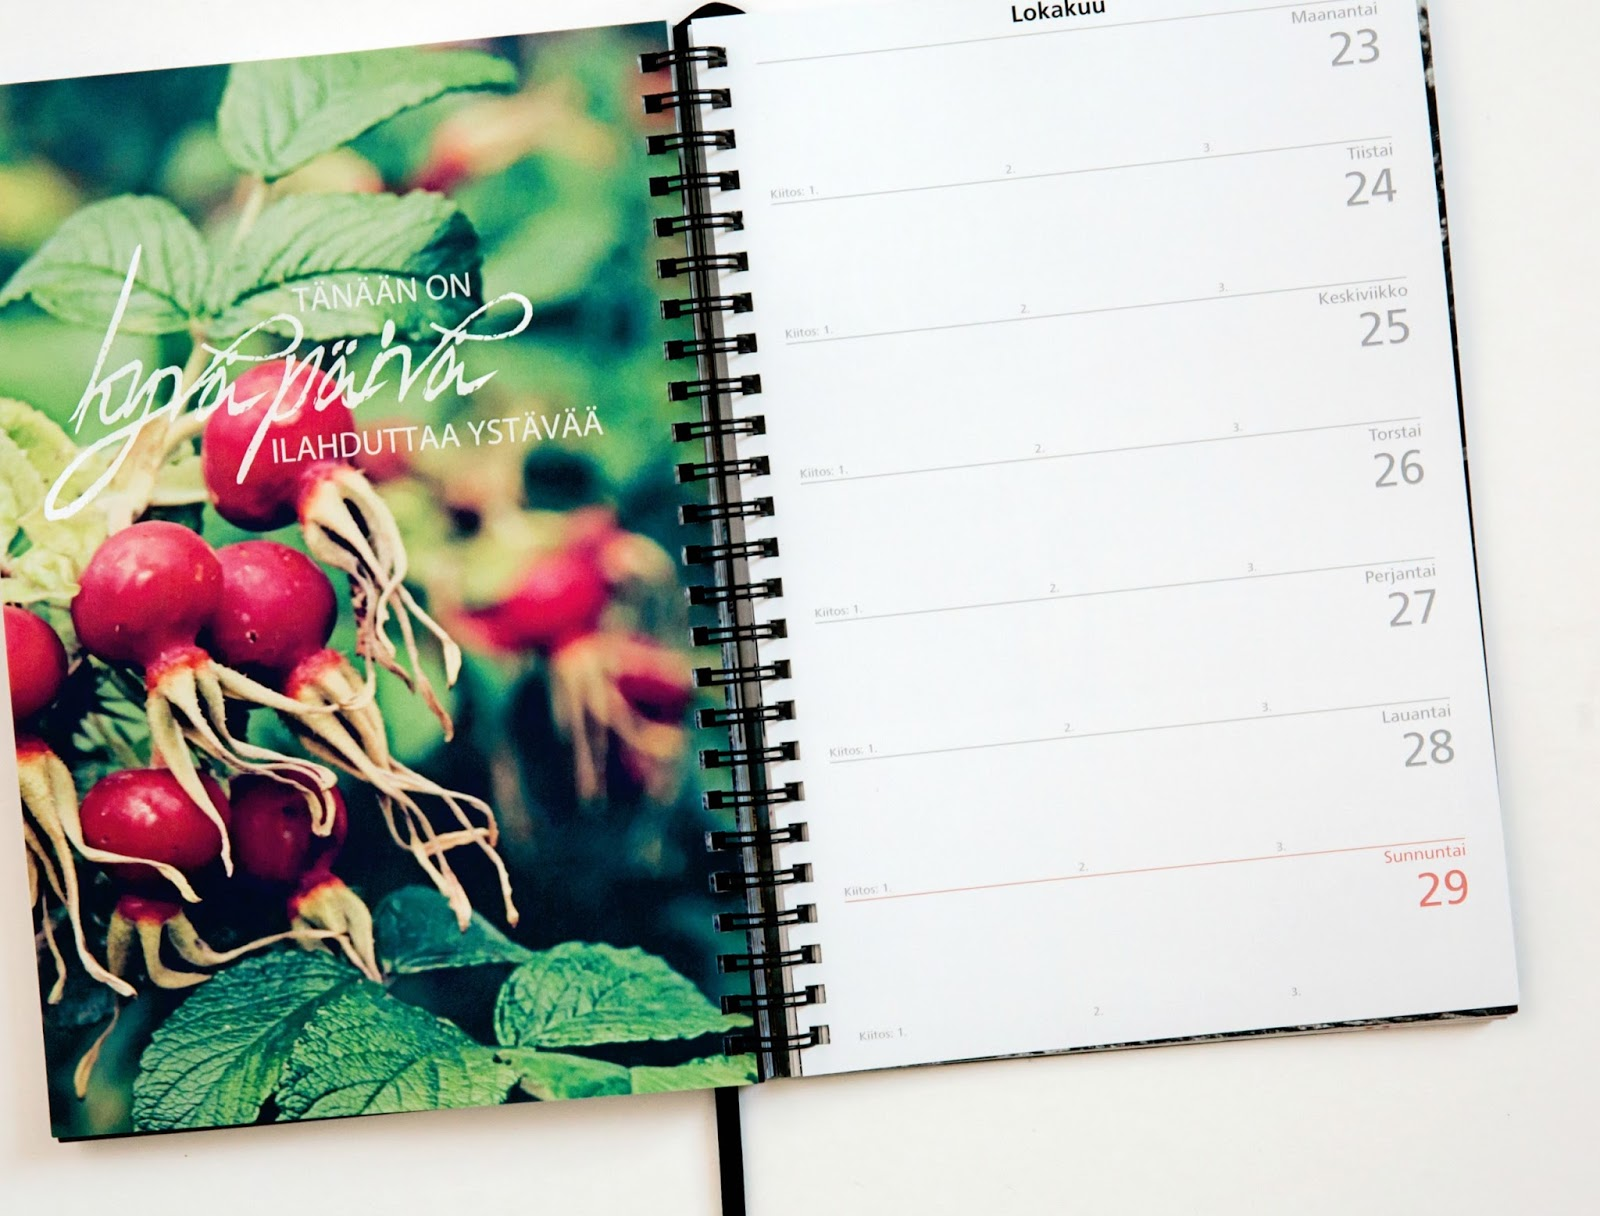 Unelmieni Vuosi kalenteri